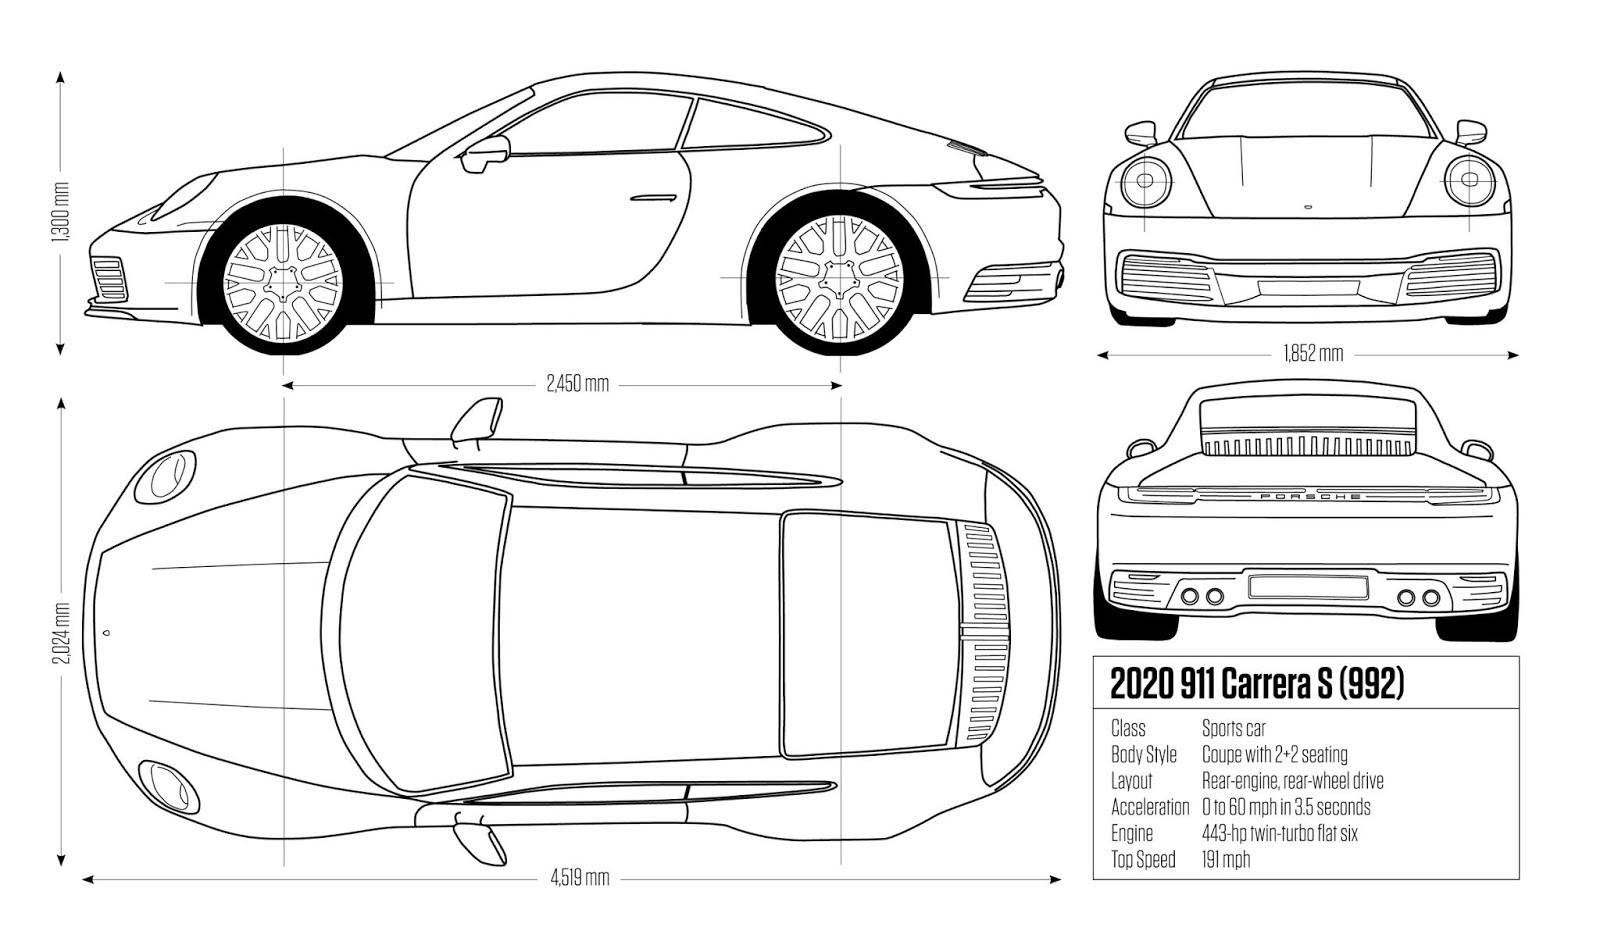 Porsche Drive Run Amp Ride 992 Blueprint Sketch